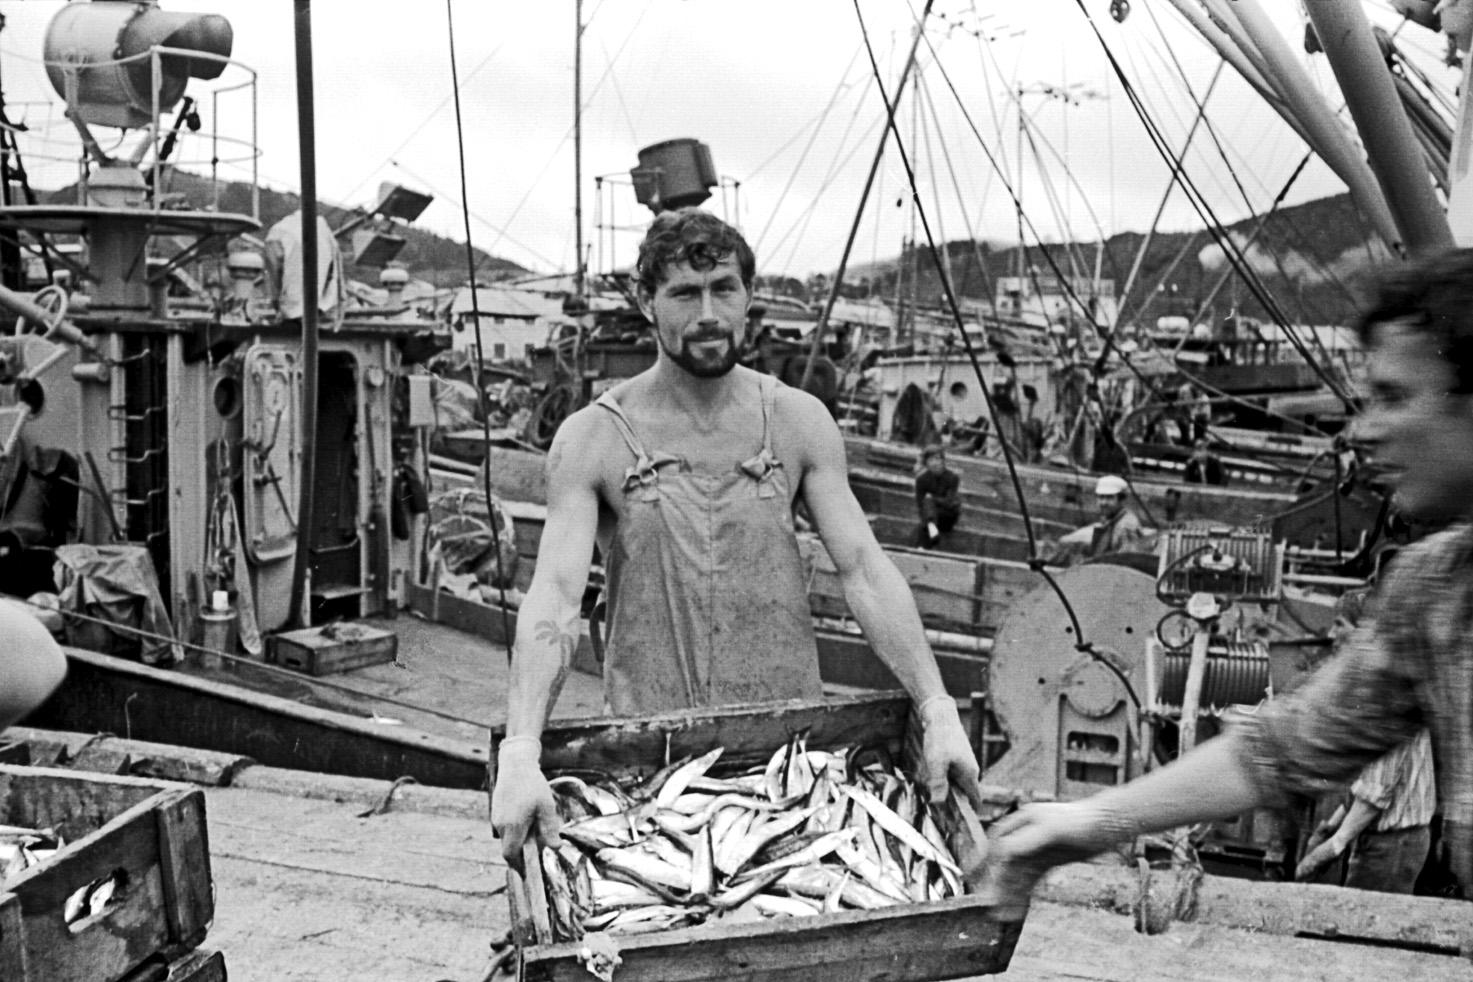 Сотрудники рыбокомбината 'Островной' в порту Малокурильское